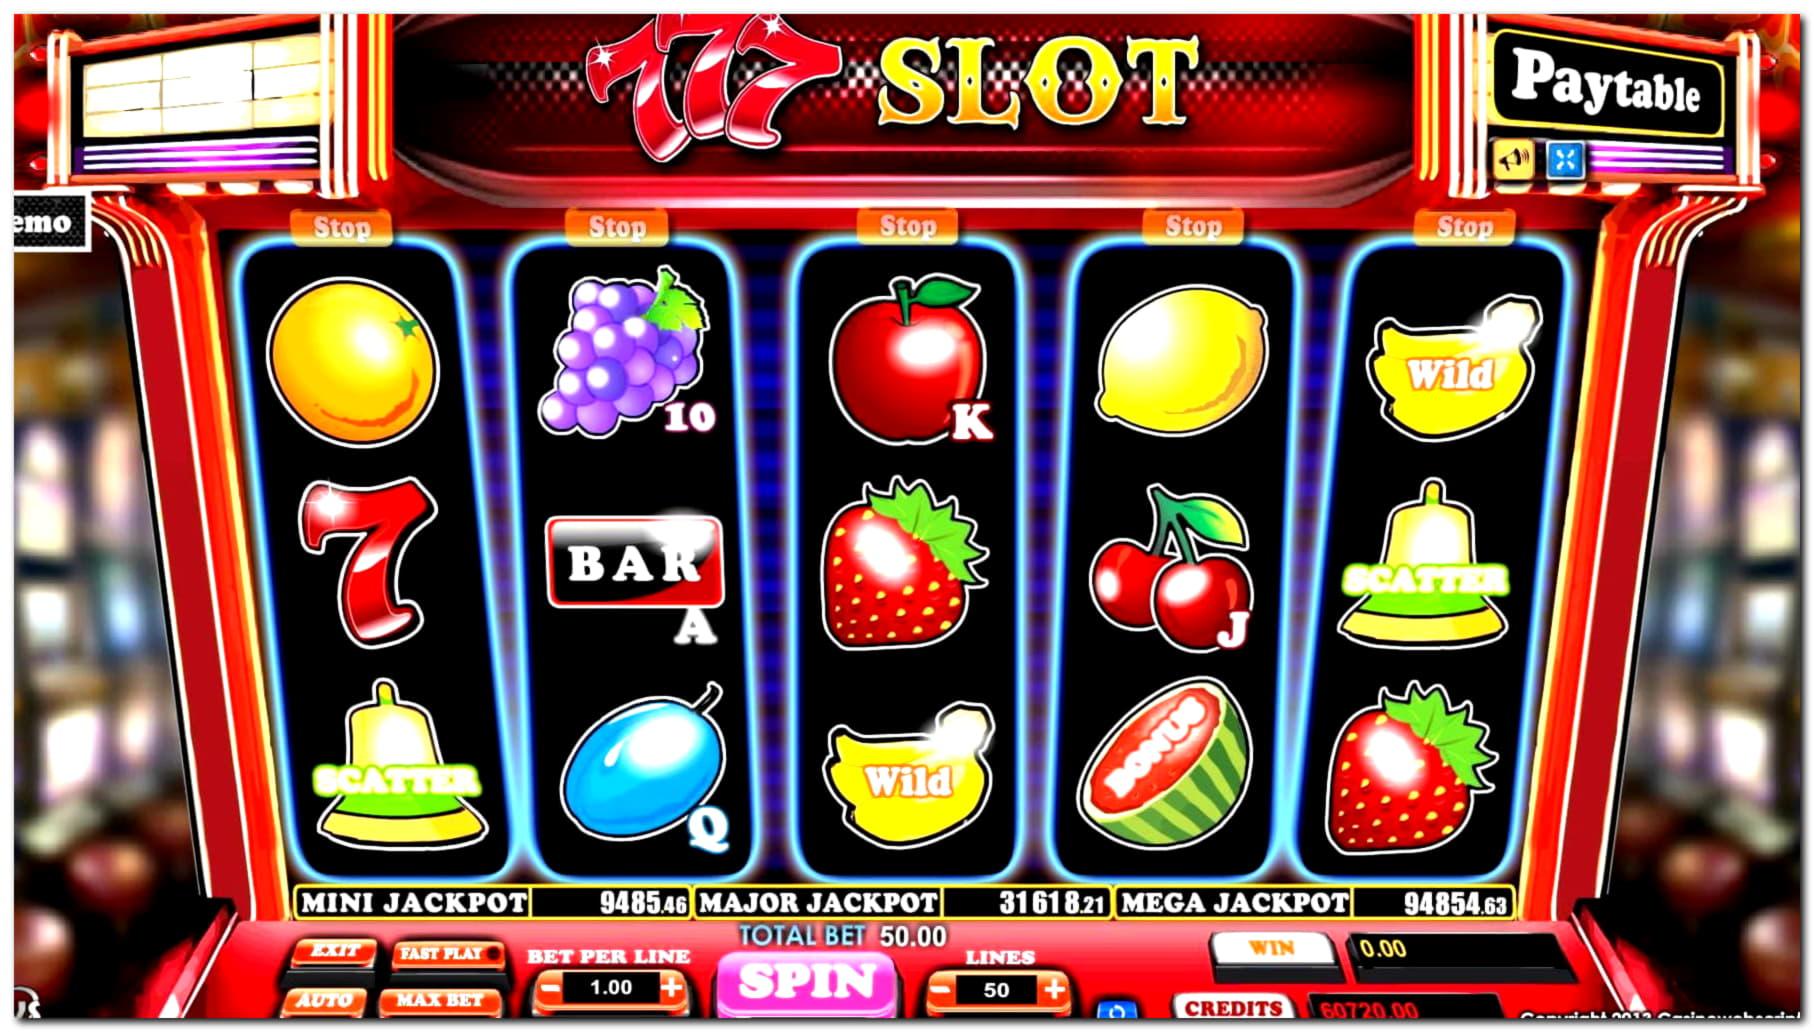 222 Free Spins Casino at Kaboo Casino